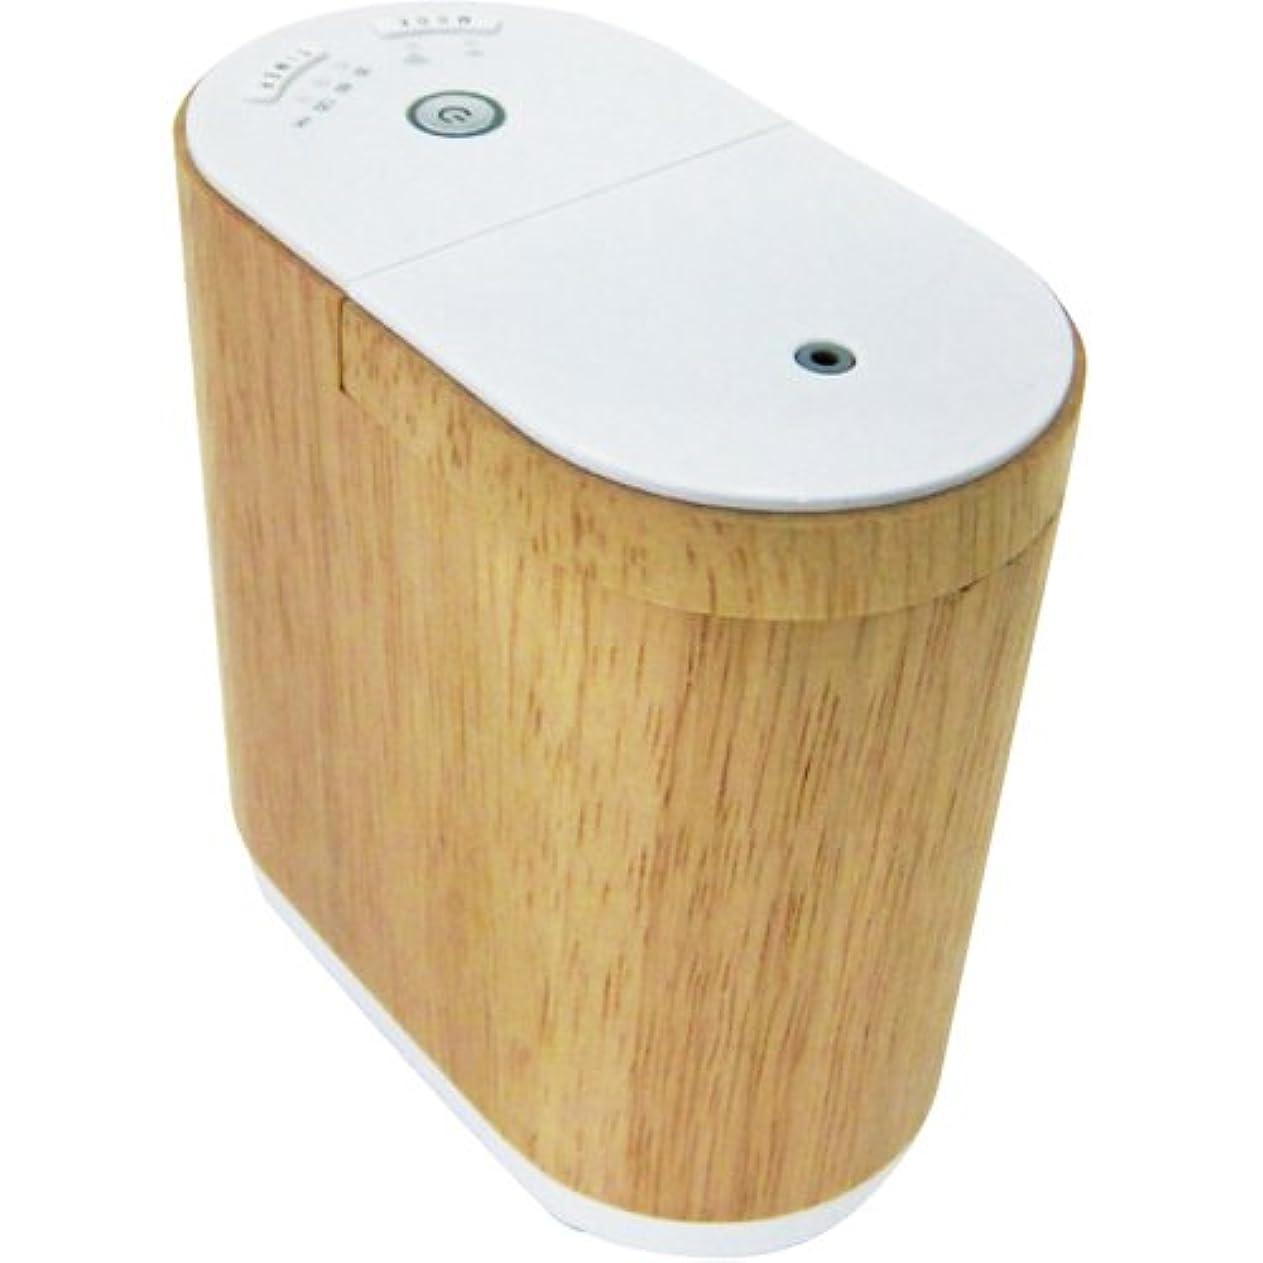 気取らないガウンモート生活の木 アロマディフューザー(ウッド)エッセンシャルオイルディフューザー aromore(アロモア) 08-801-6010